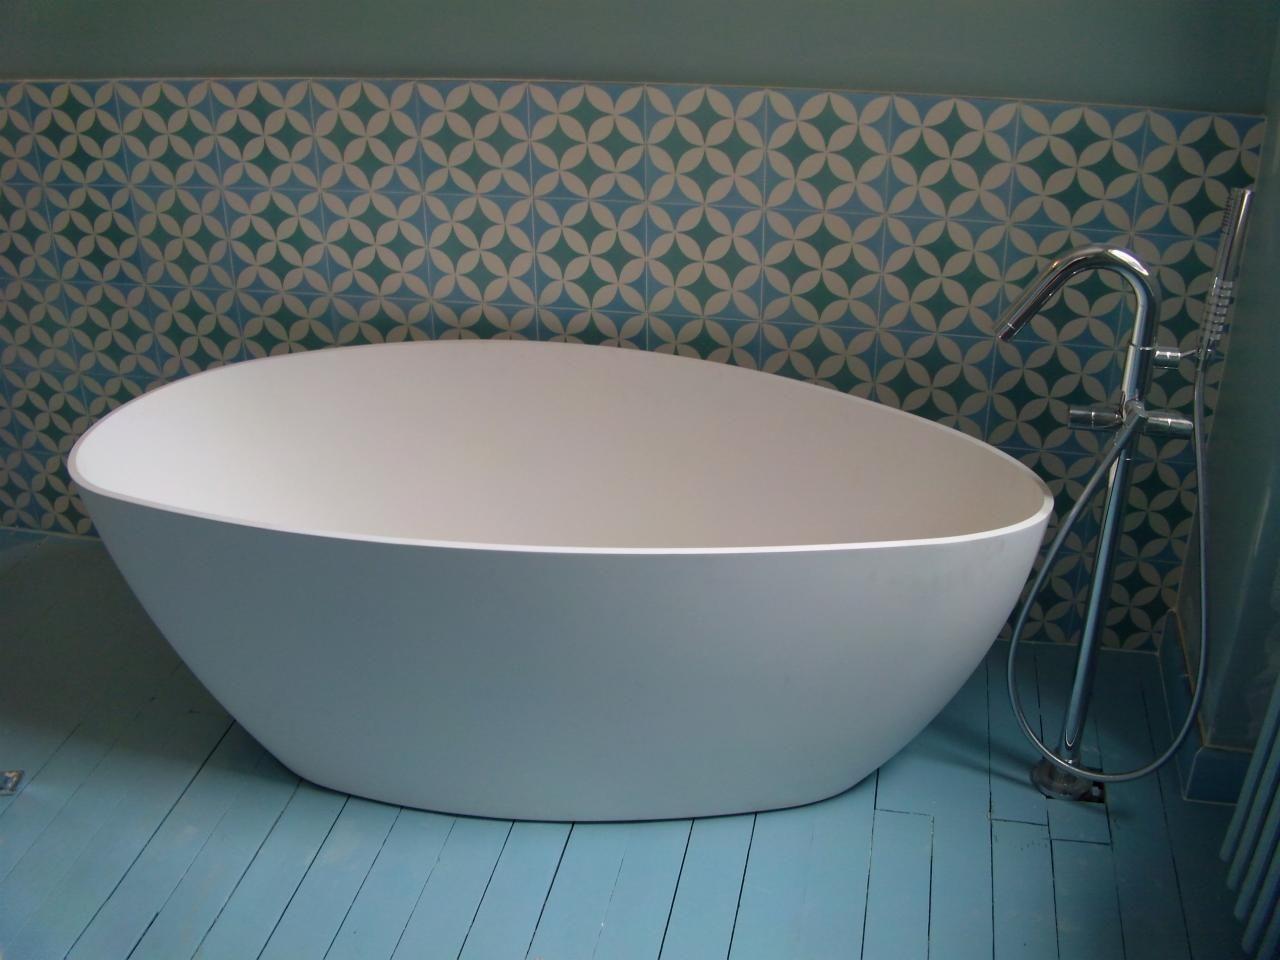 carreaux ciment zelig 1 2 salle de bains id es pour la. Black Bedroom Furniture Sets. Home Design Ideas